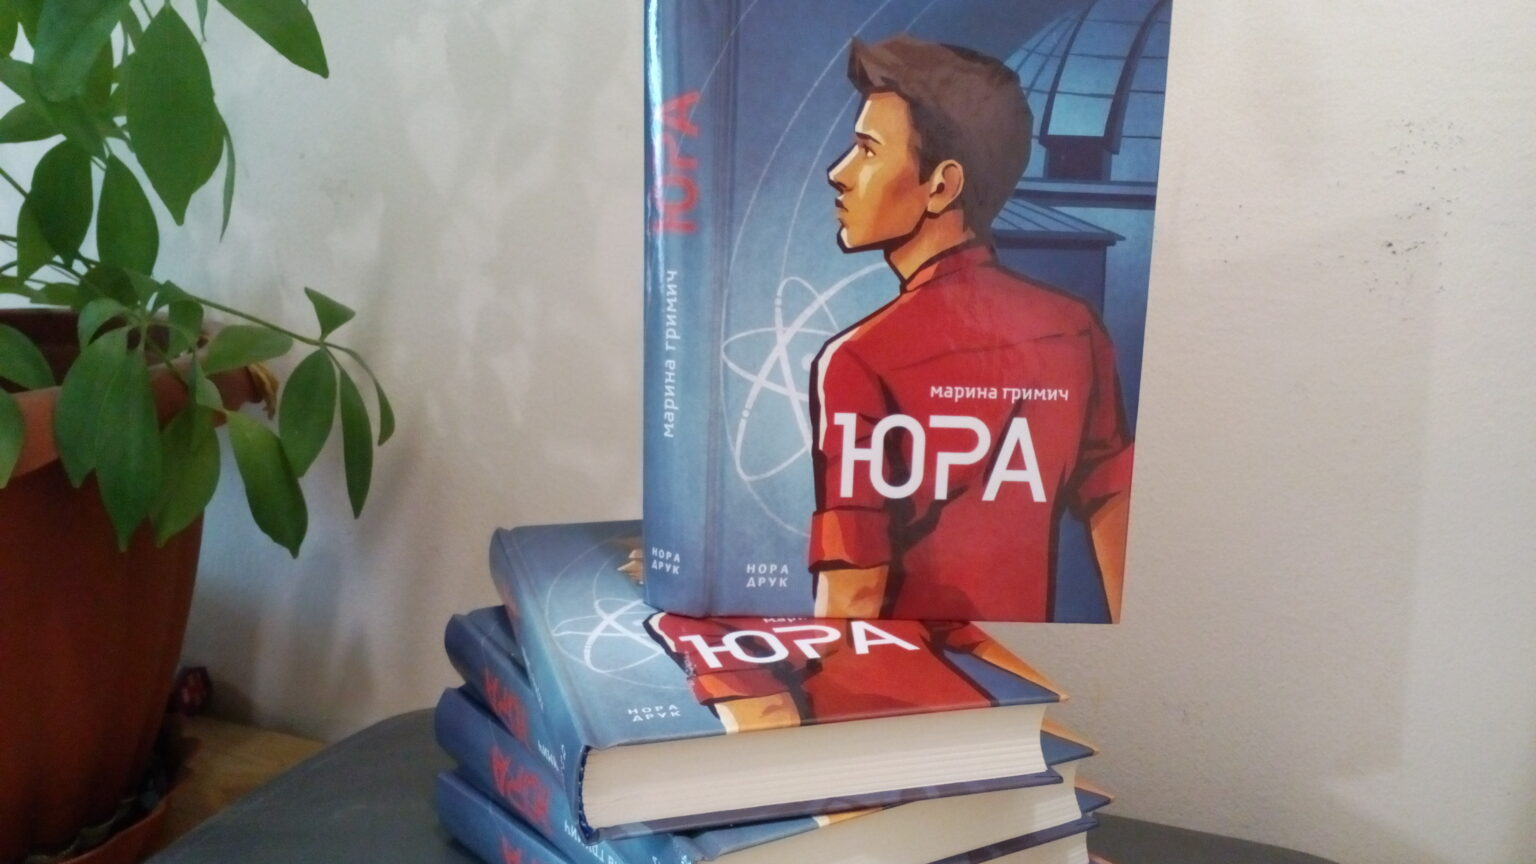 """1 липня роман Марини Гримич """"Юра"""" почав свій шлях до читача!"""